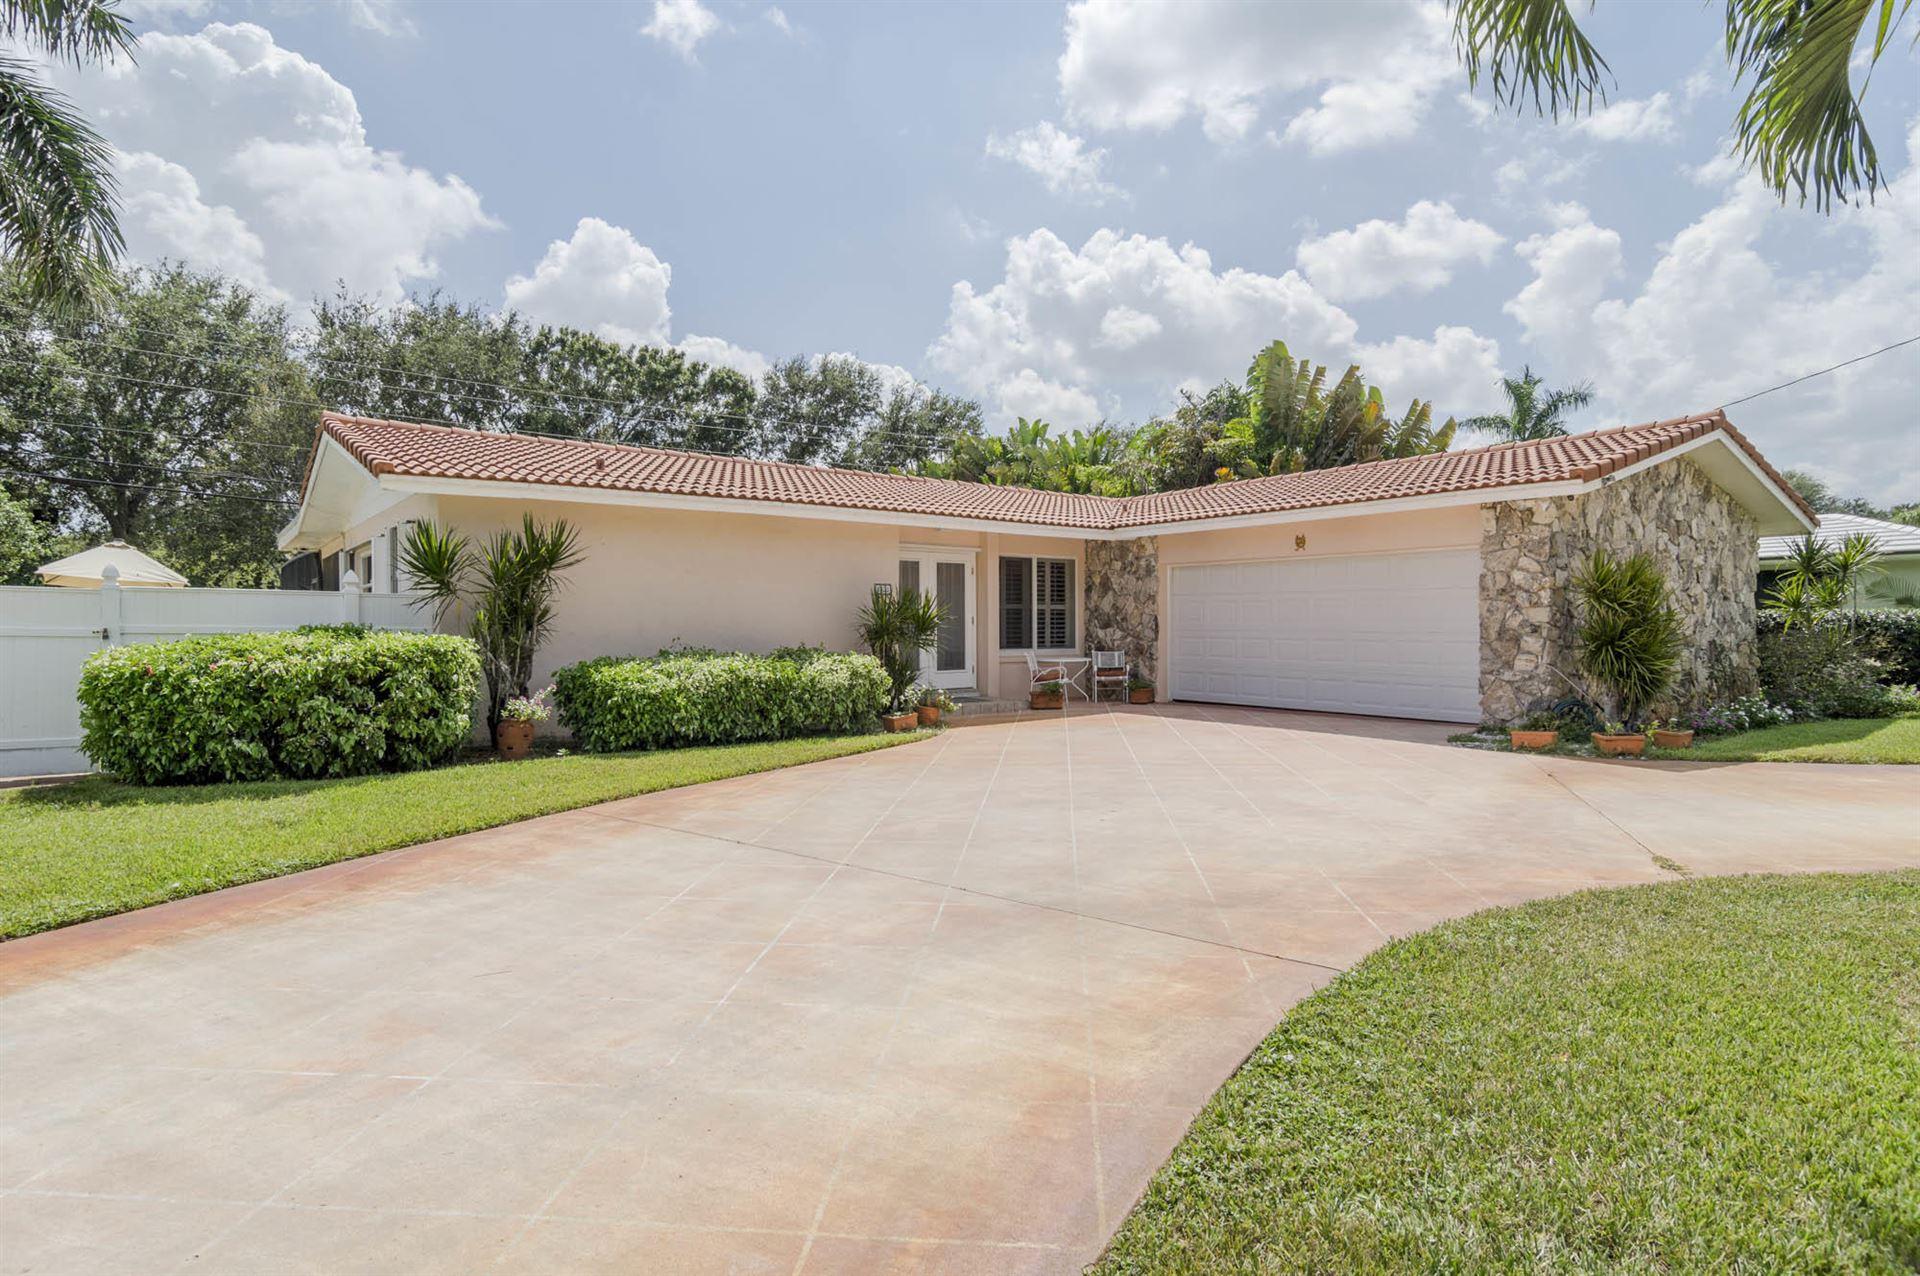 Photo of 1828 Ardley Road, North Palm Beach, FL 33408 (MLS # RX-10655230)